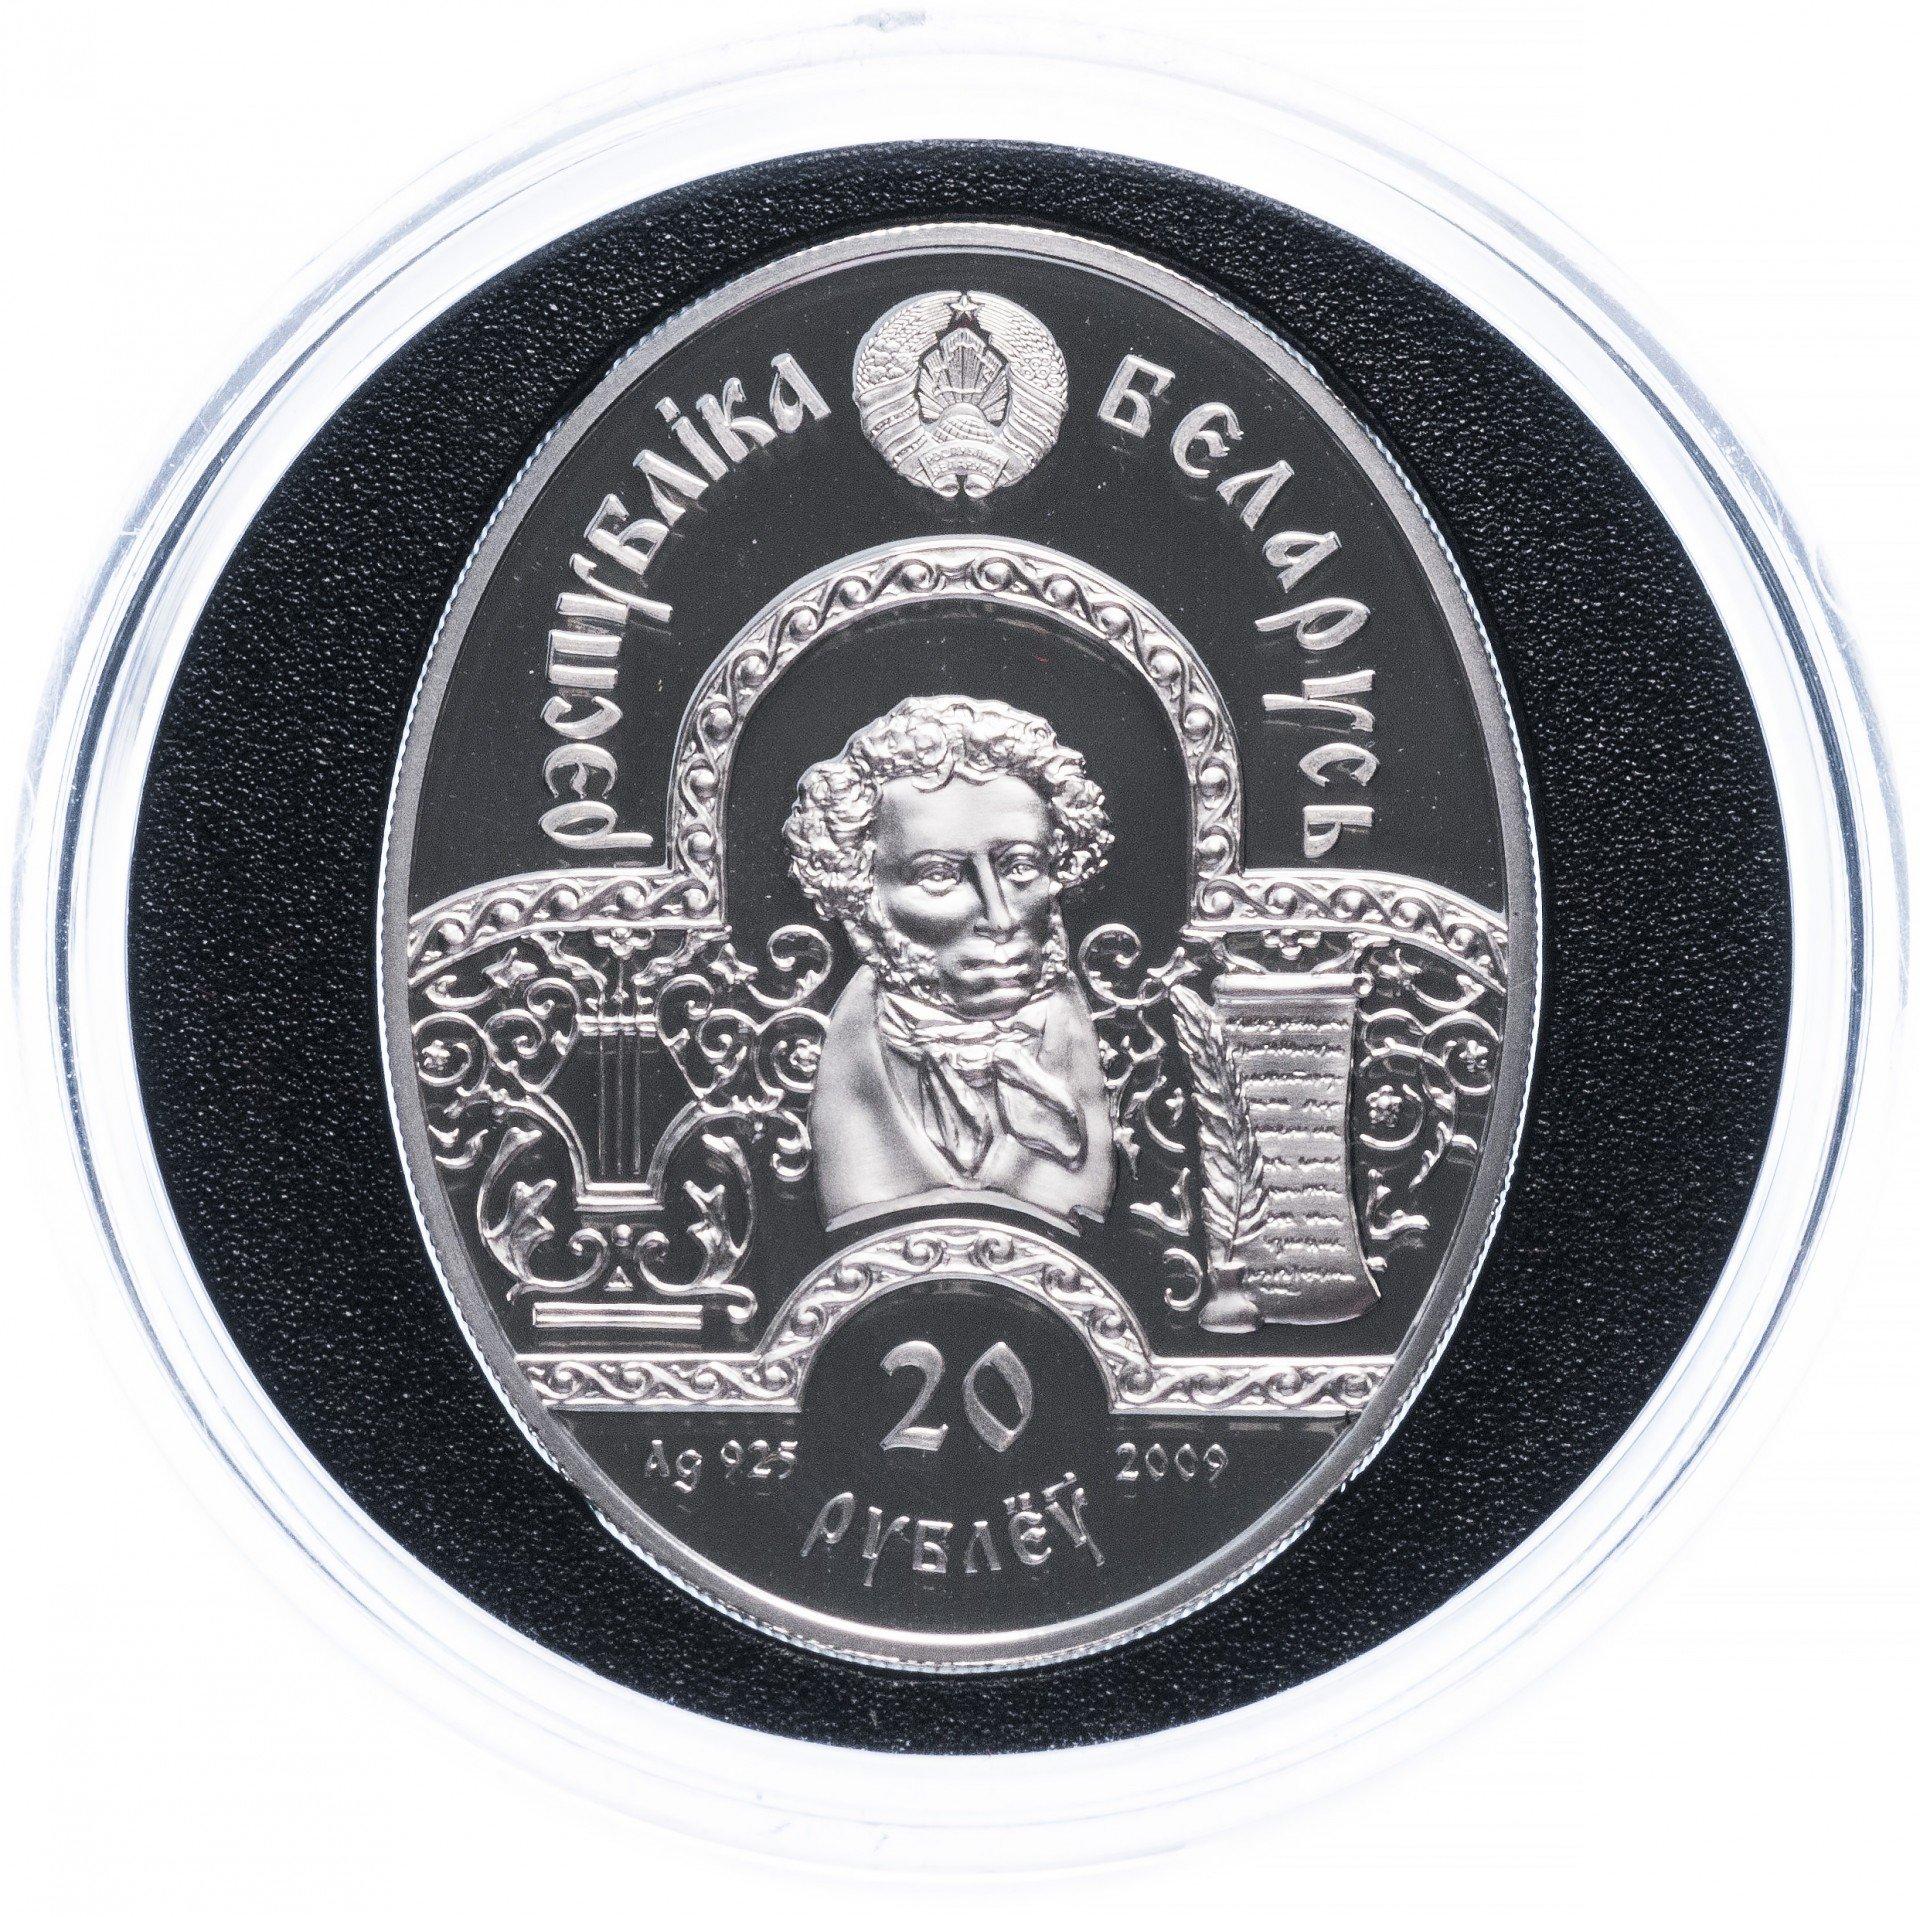 Монета 20 руб белорусия совеишеннолетие тираж альбом редких монет